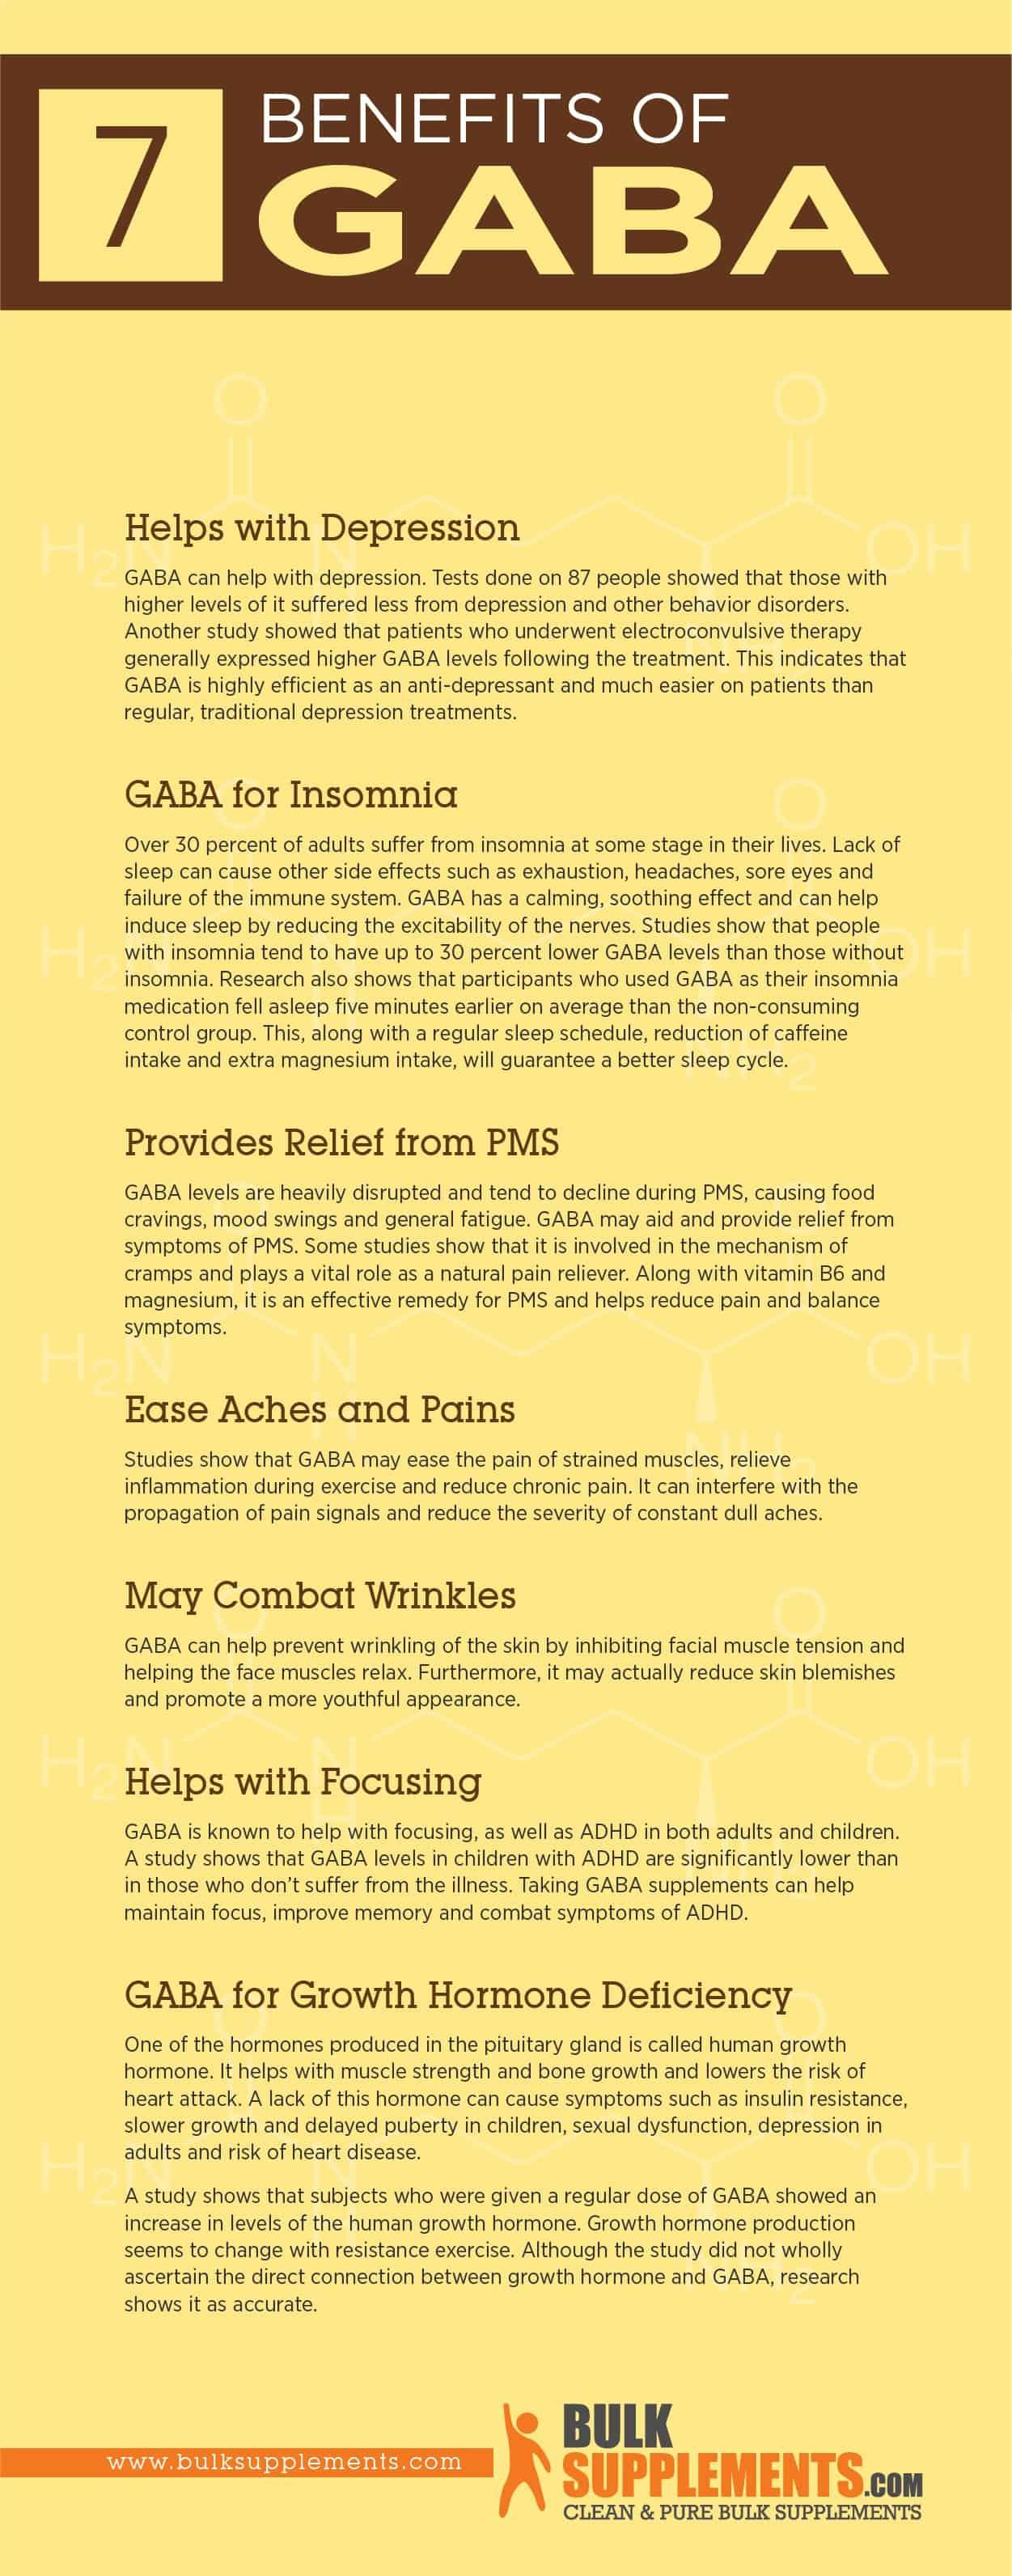 GABA Benefits